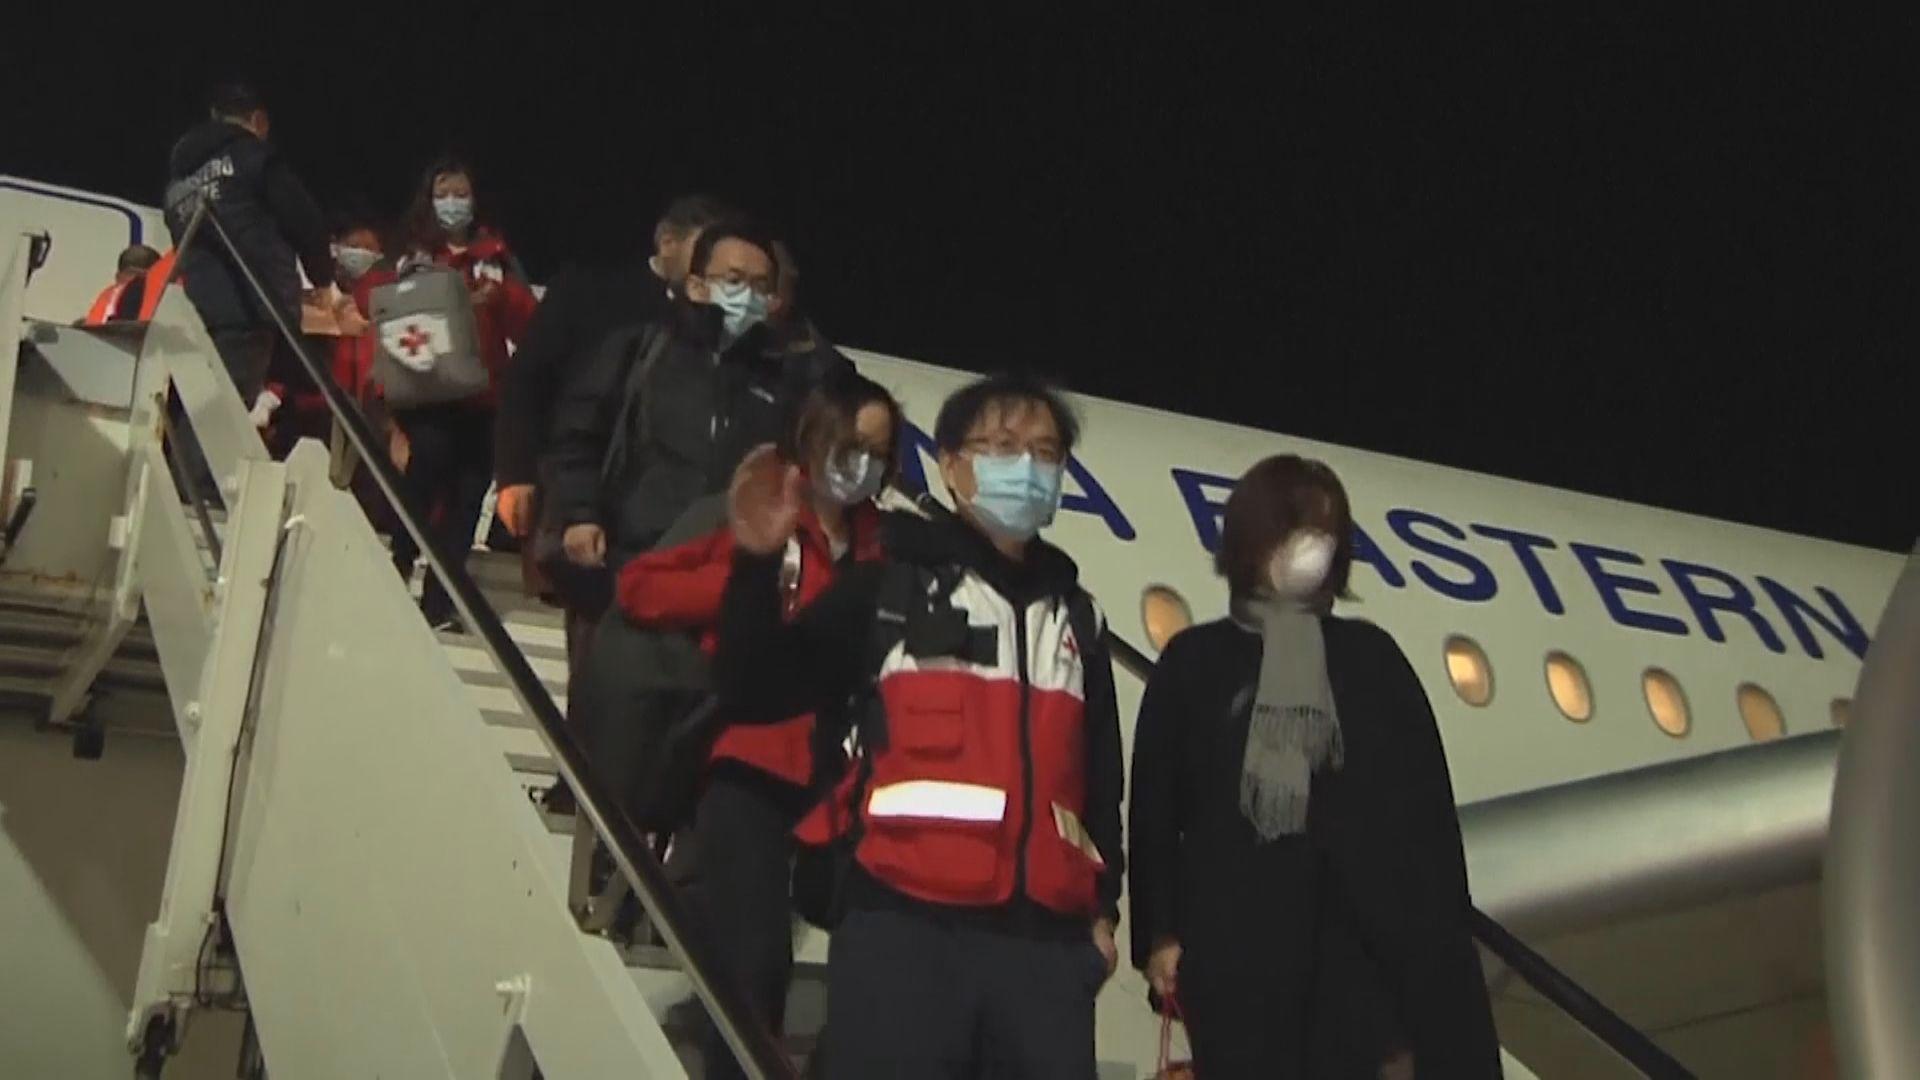 中國派九人醫療隊前往意大利協助抗疫